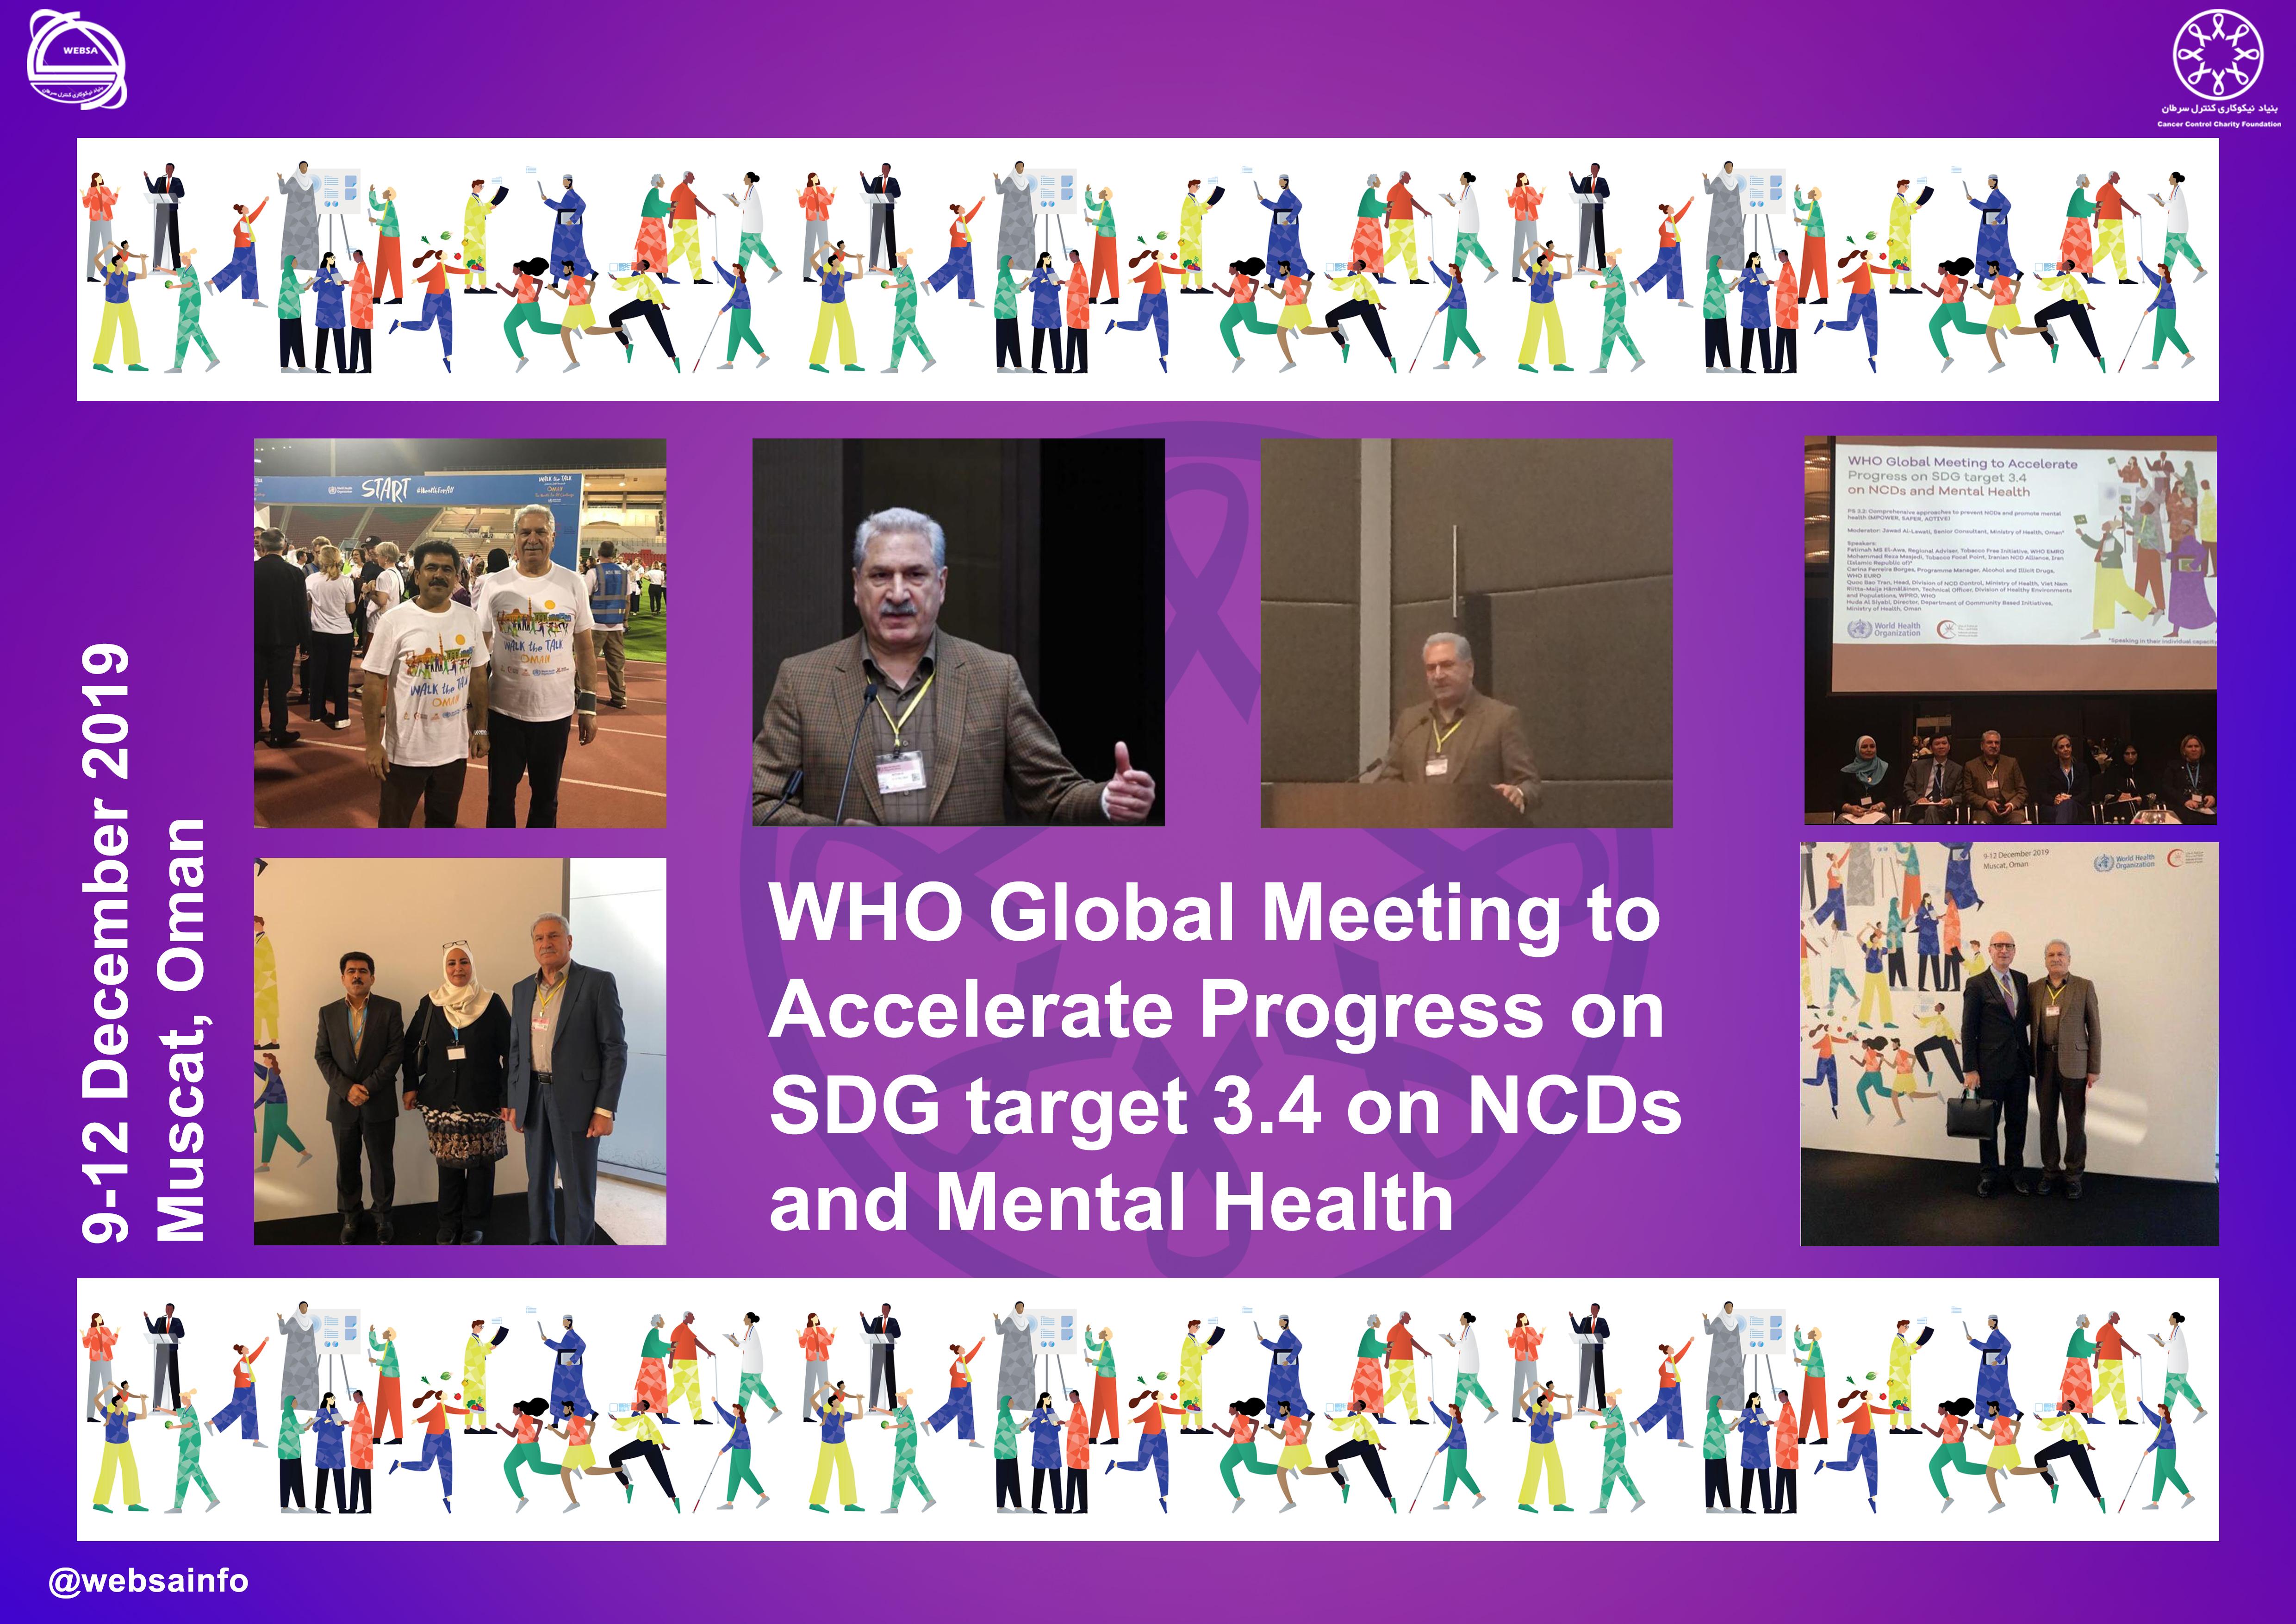 نشست جهانی WHO برای تسریع پیشرفت در مورد اهداف SDG 3.4 در مورد بیماریهای جسمی و روانی